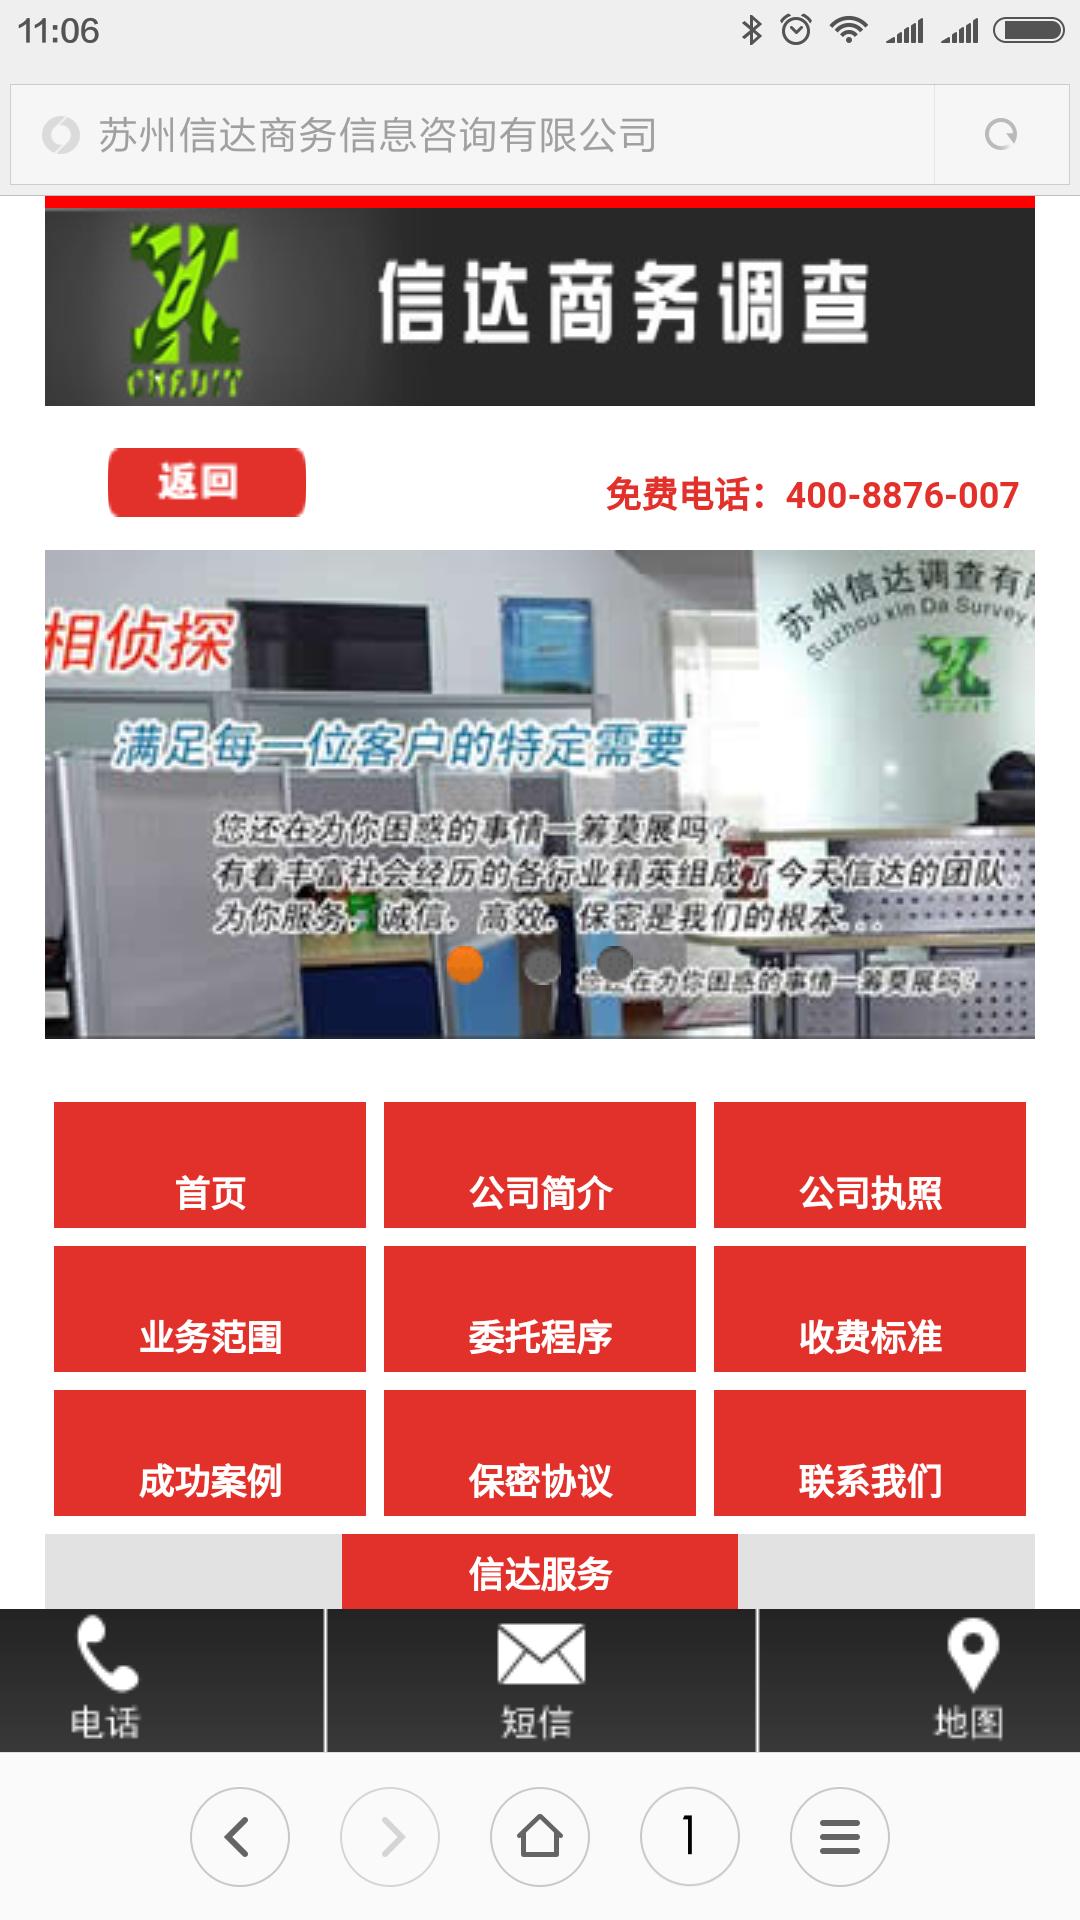 苏州网络推广公司